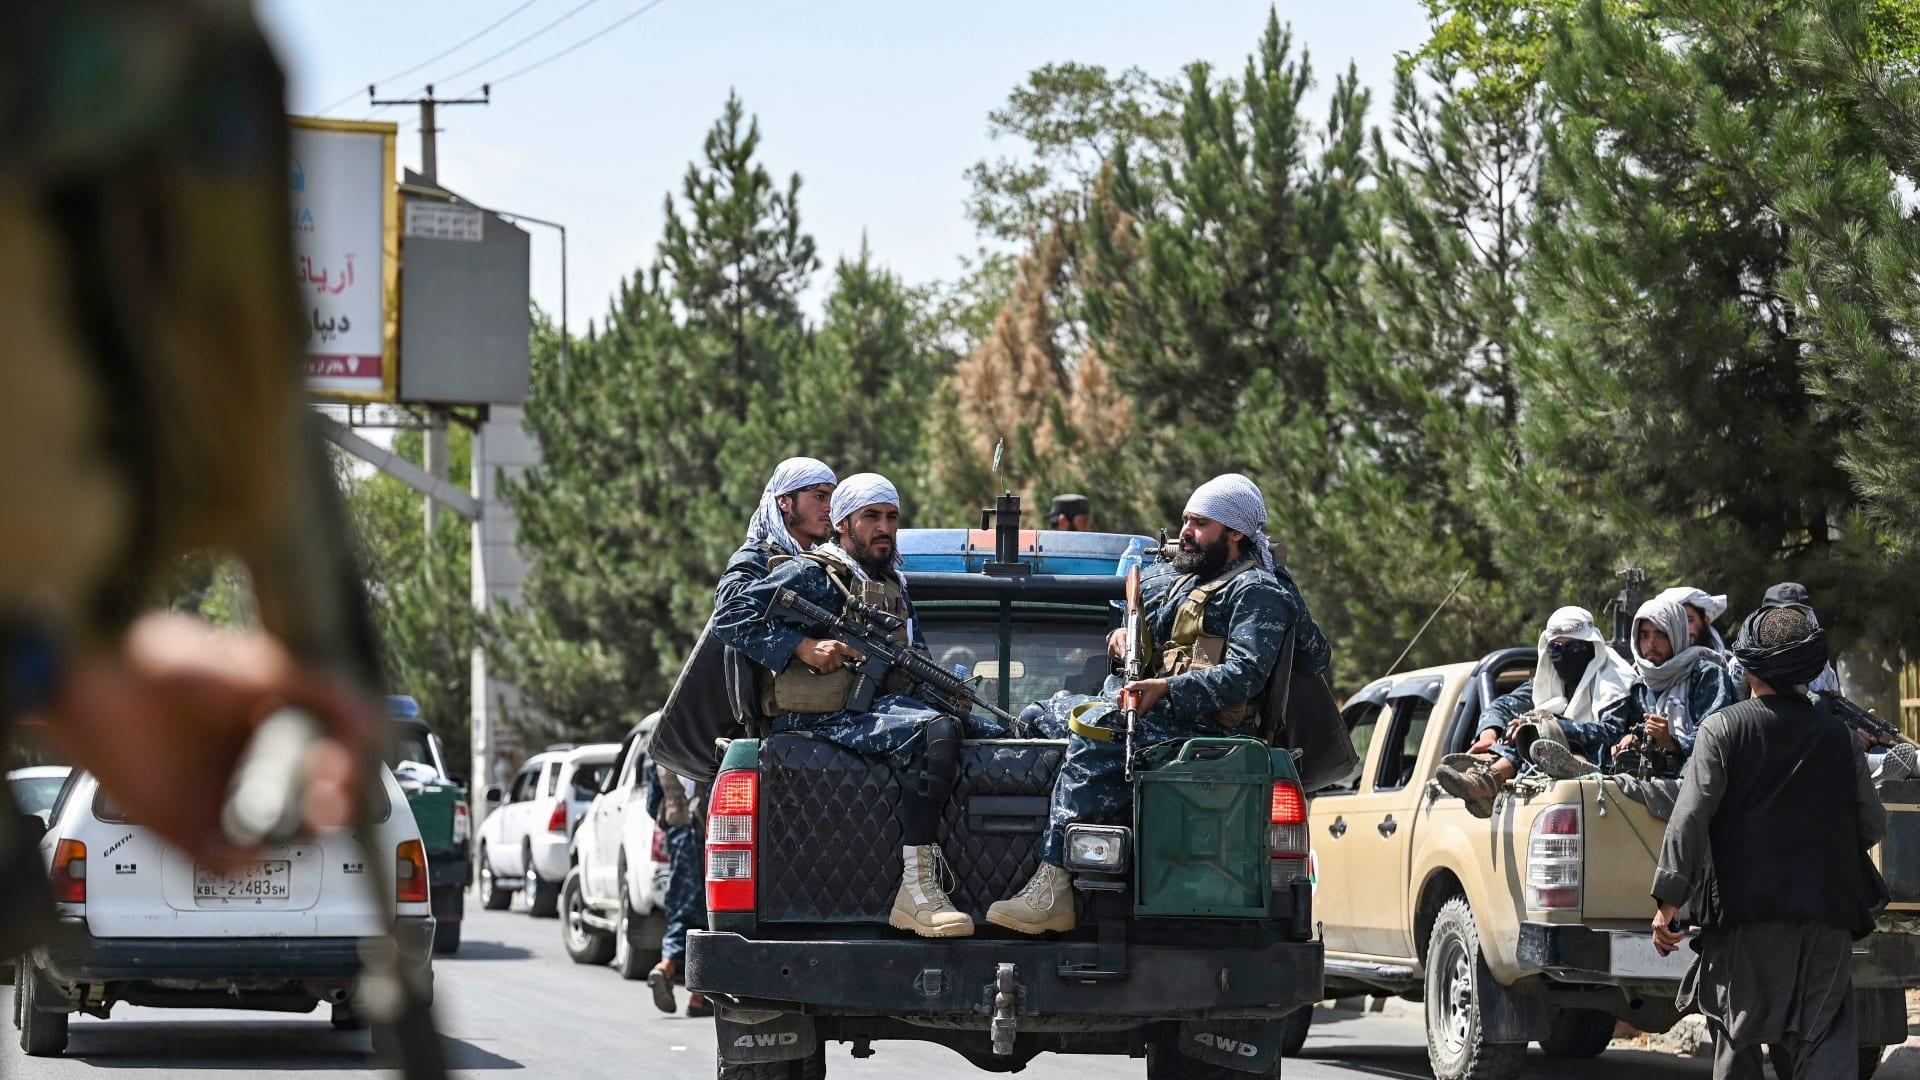 أهداف رئيسية.. مقتل اثنين من تنظيم داعش خراسان في غارة أمريكية